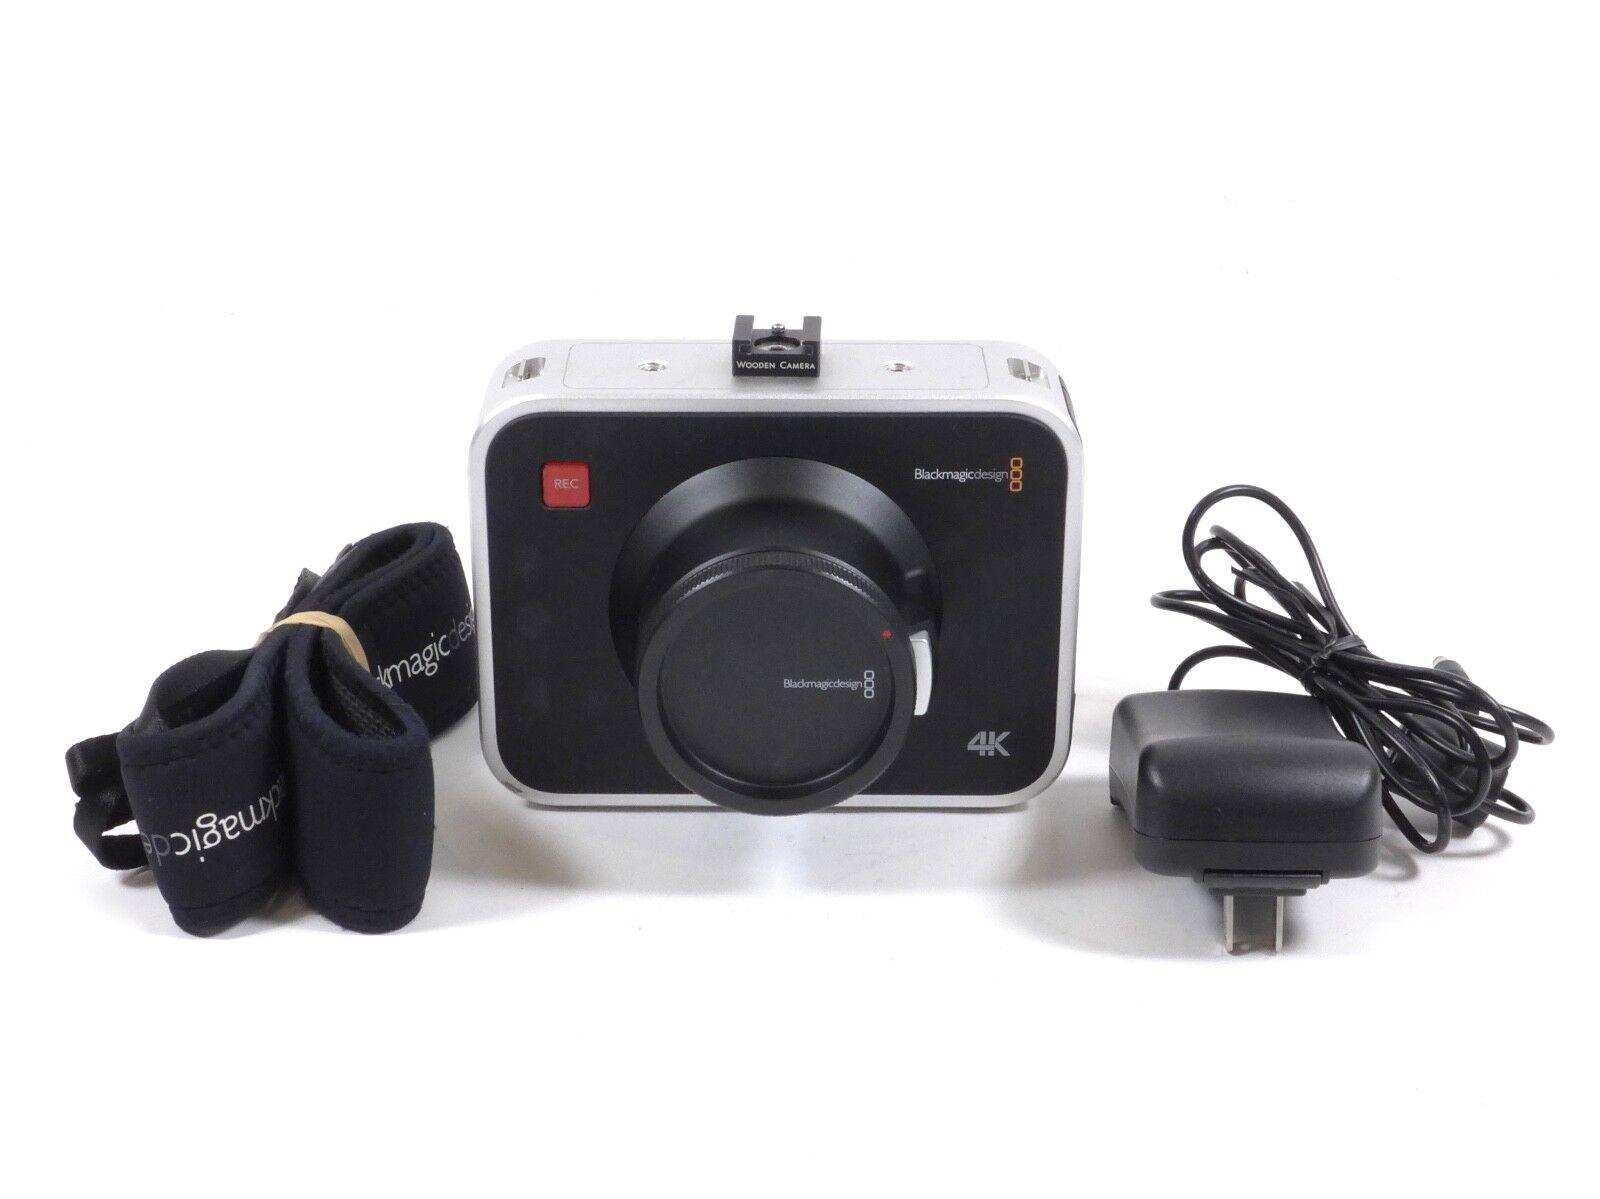 Blackmagic Design Production Camera 4k Ef Mount Camcorder Black For Sale Online Ebay